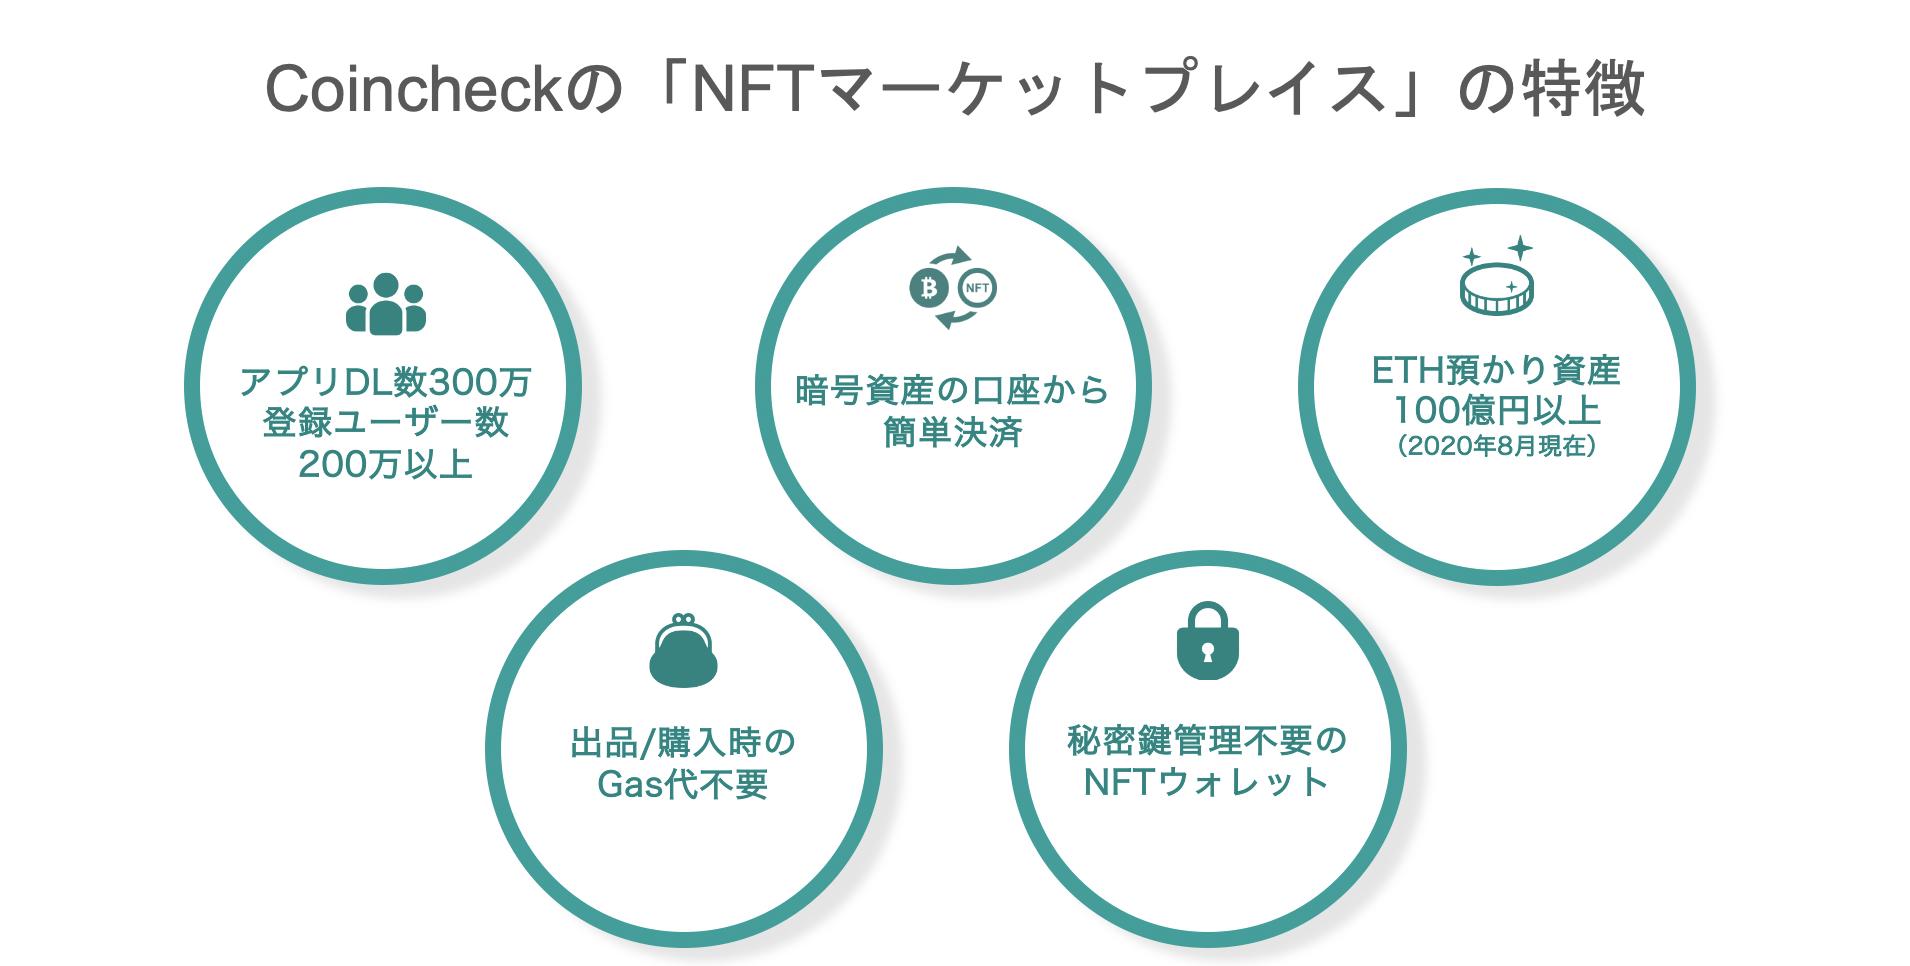 CoincheckのNFTマーケットプレイスの特徴